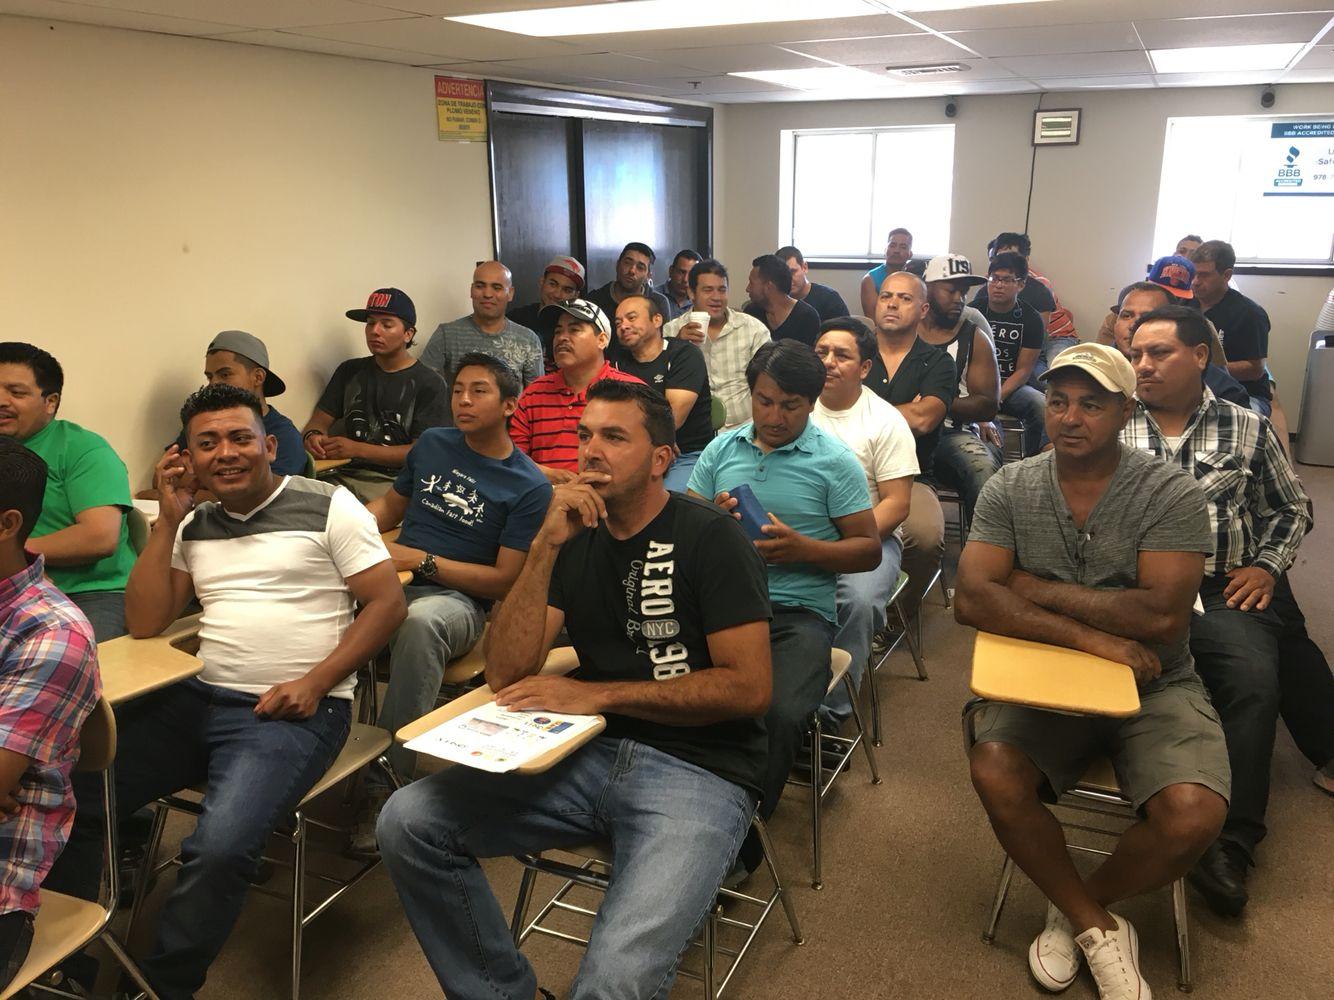 Osha Safety Training Portuguese, Spanish and English. 978